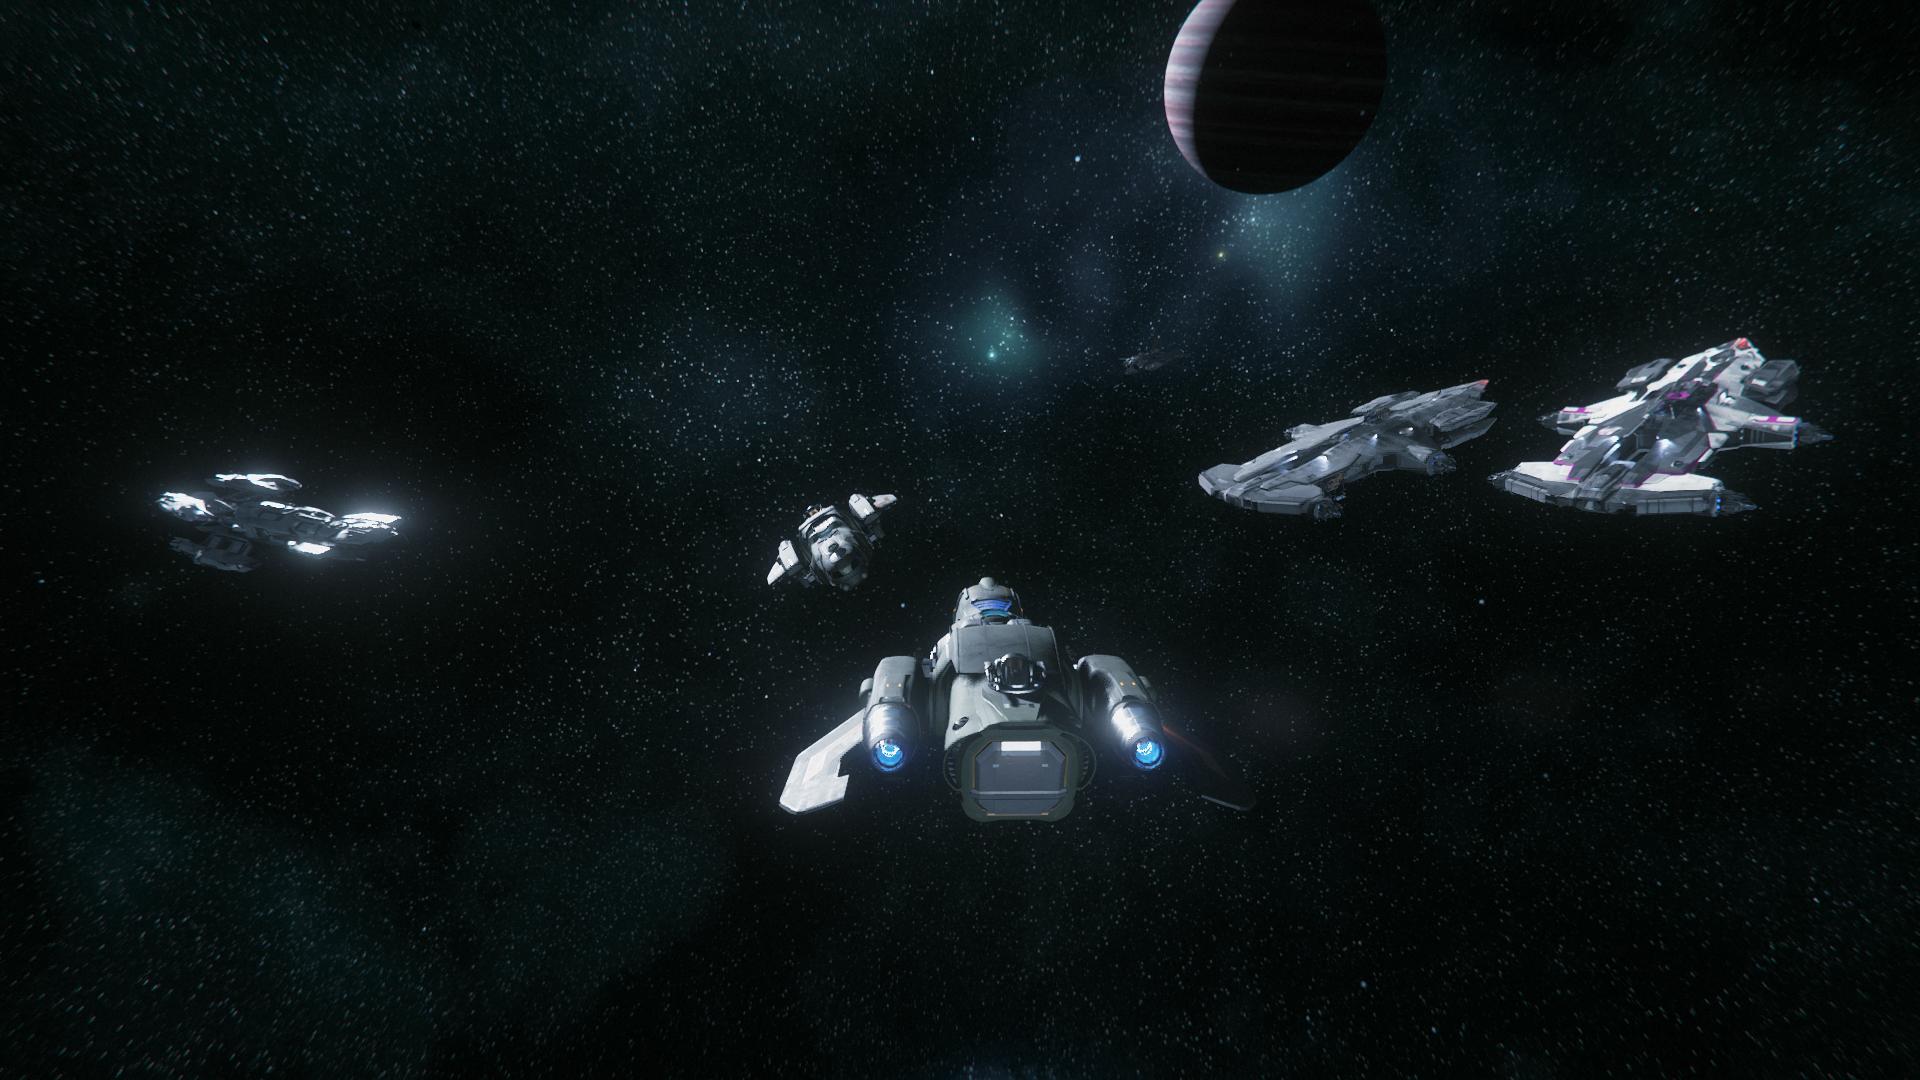 Squadron 42 - Star Citizen Screenshot 2019.12.27 - 21.25.11.72